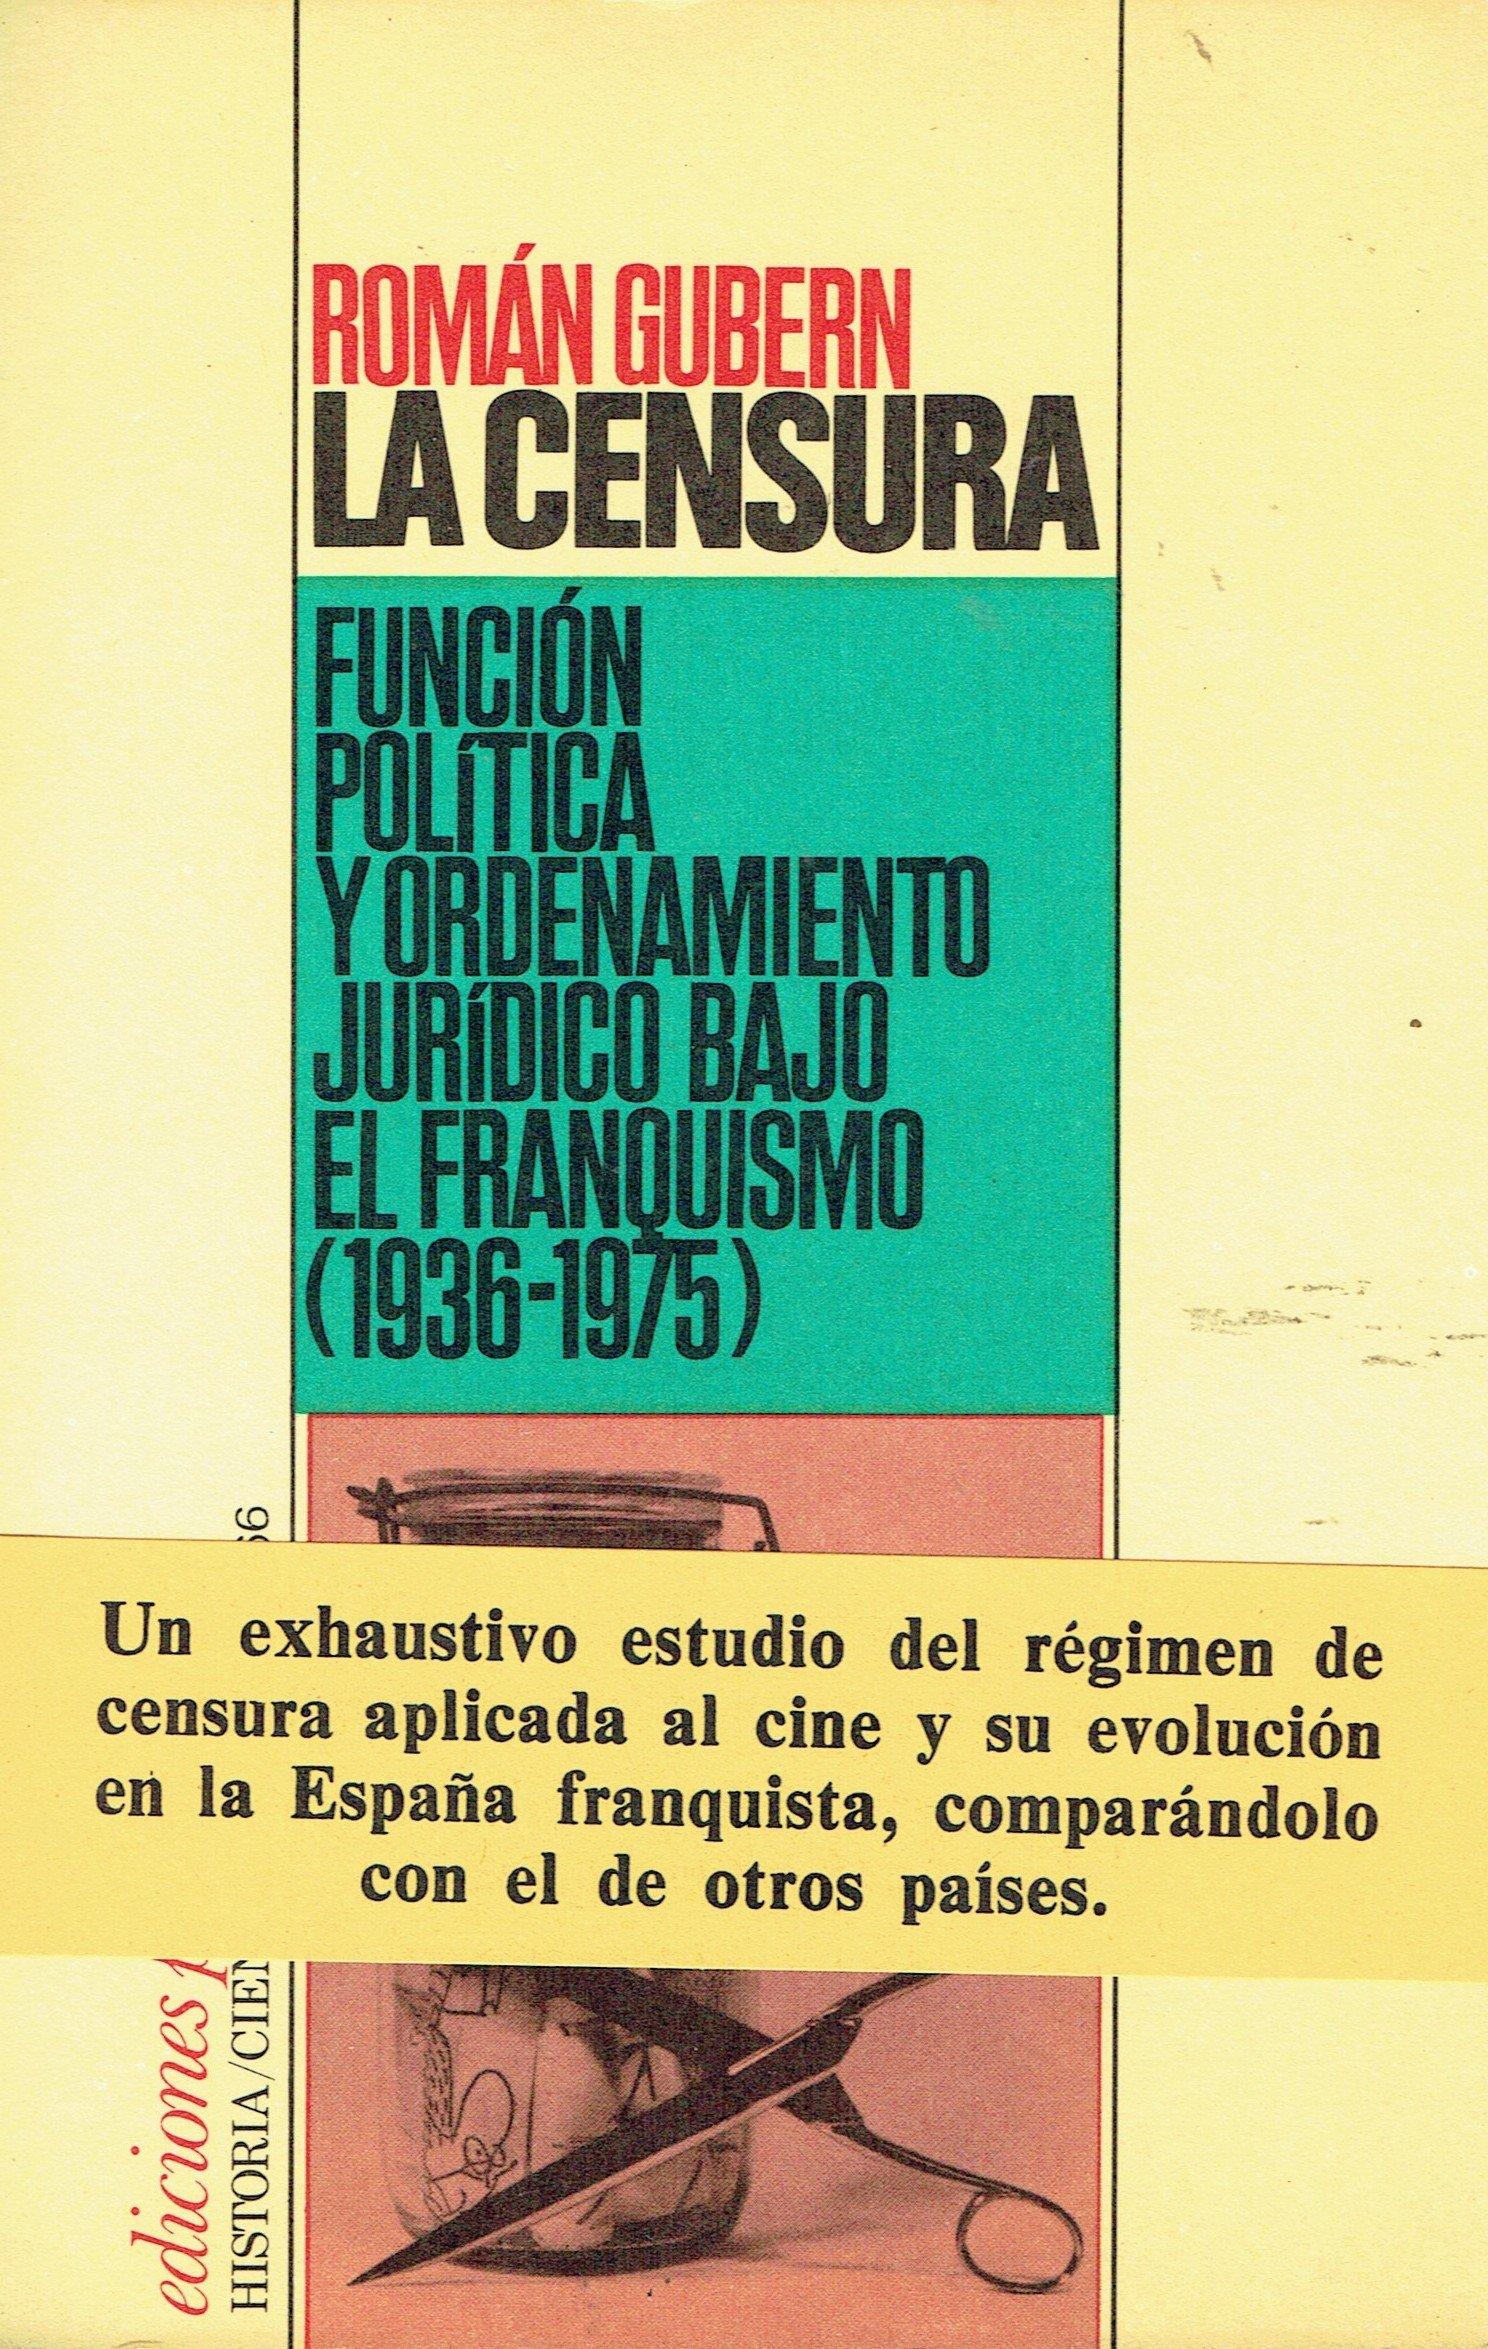 La censura: Función política y orde Historia, ciencia, sociedad: Amazon.es: Gubern, Román: Libros